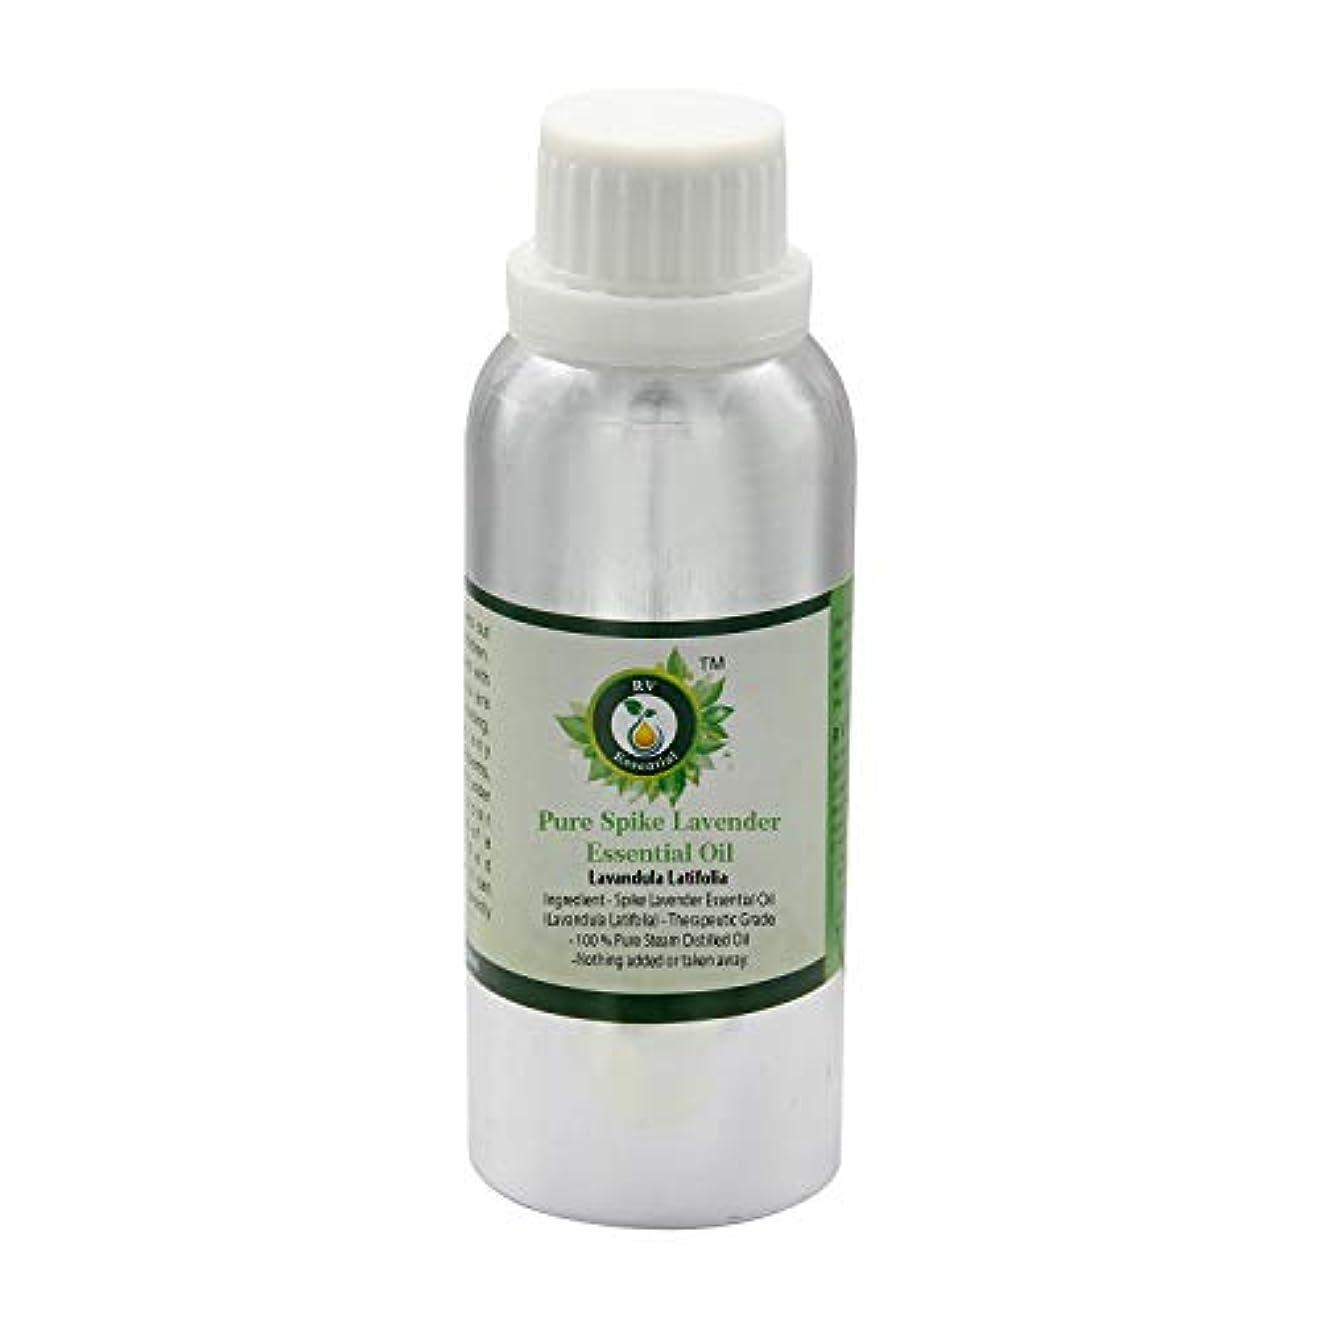 バタフライテレビを見るうるさい純粋なスパイクラベンダーエッセンシャルオイル630ml (21oz)- Lavandula Latifolia (100%純粋&天然スチームDistilled) Pure Spike Lavender Essential Oil